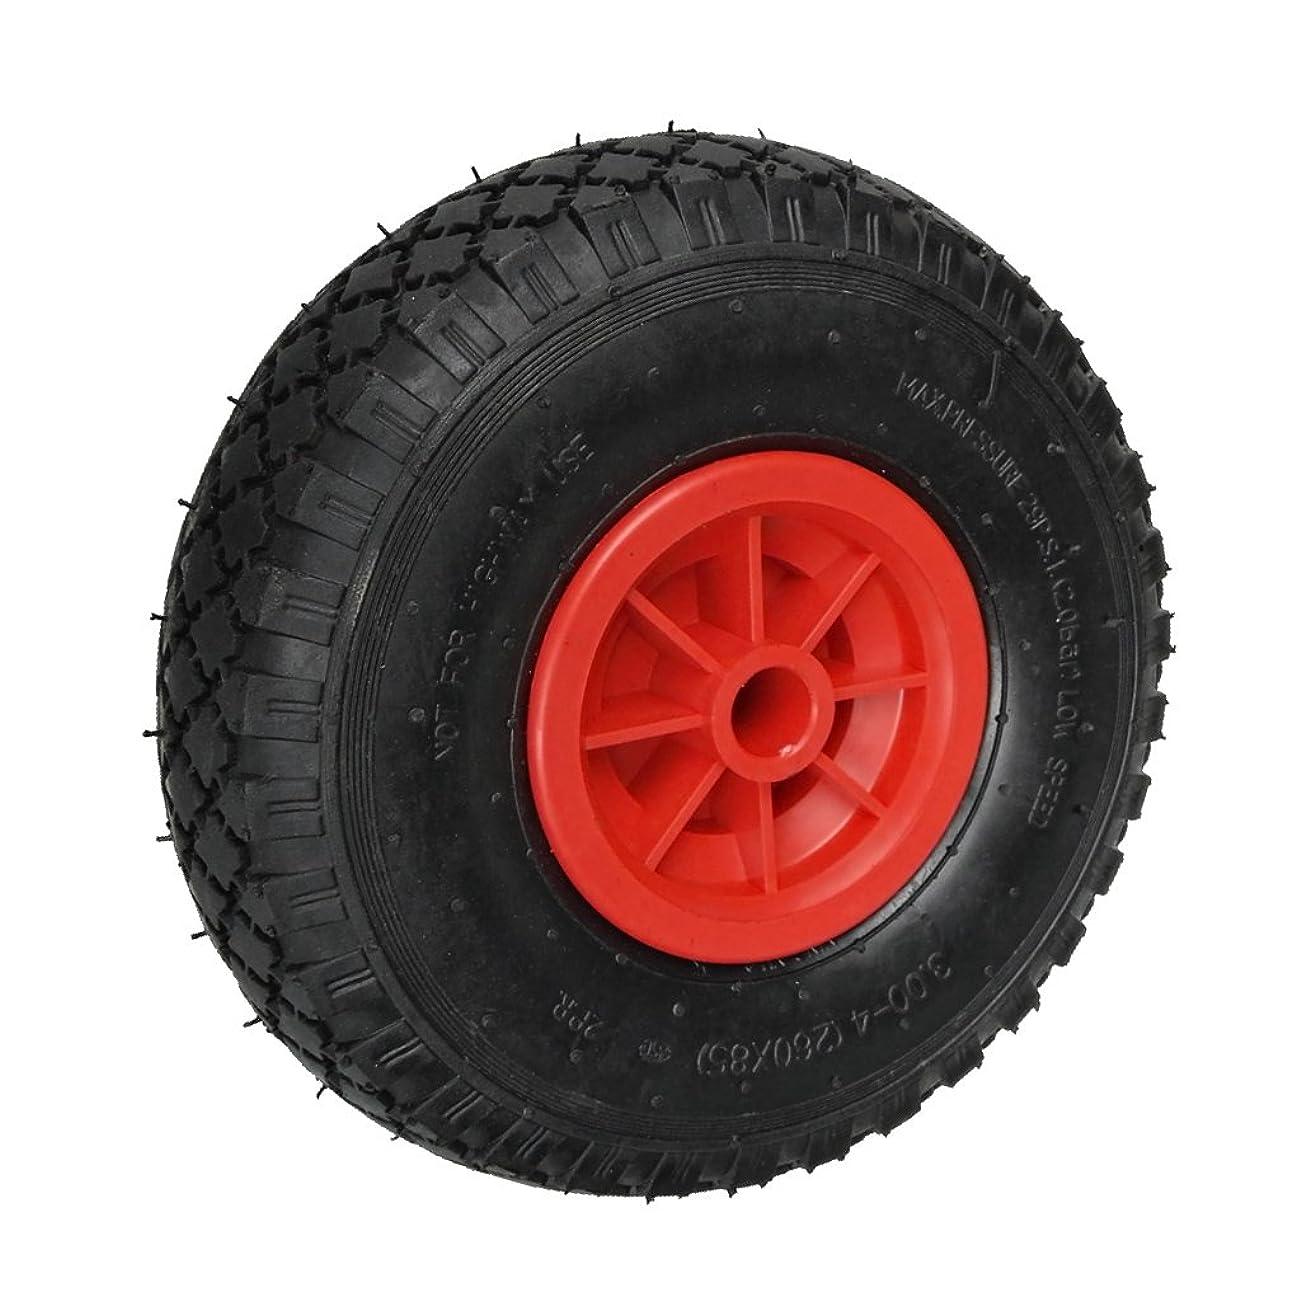 パリティアイデア結晶T TOOYFUL カヤックカートホイール ラバー 交換用 ショッピングカート 車輪 タイヤ 260mm アクセサリー